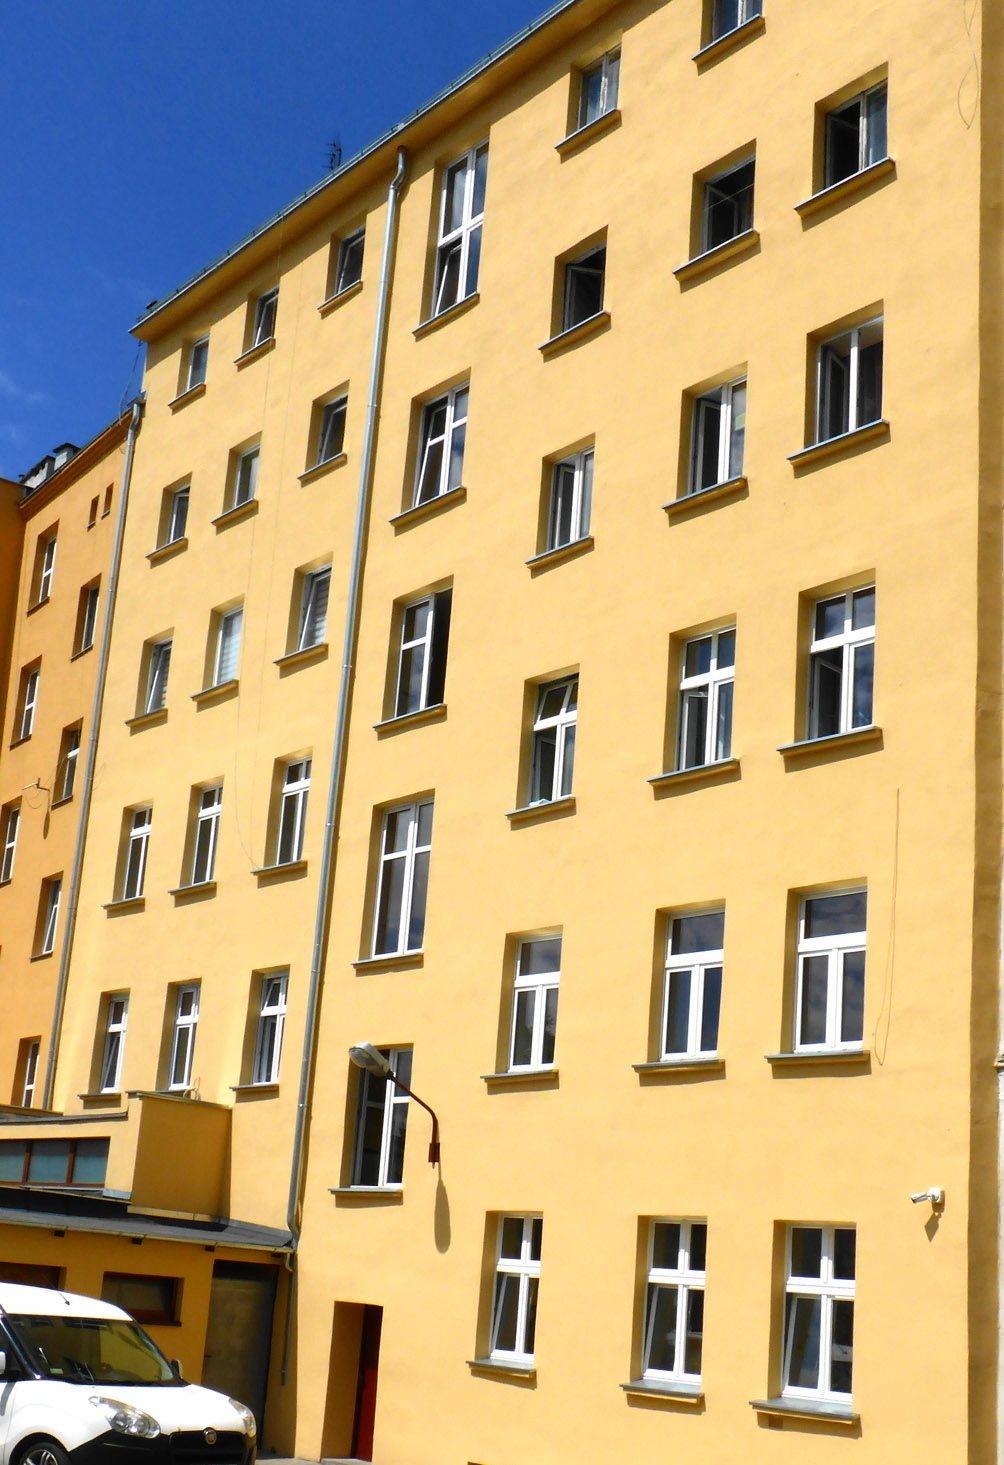 Mieszkanie trzypokojowe na sprzedaż Wrocław, Śródmieście, Św. Wincentego  76m2 Foto 5